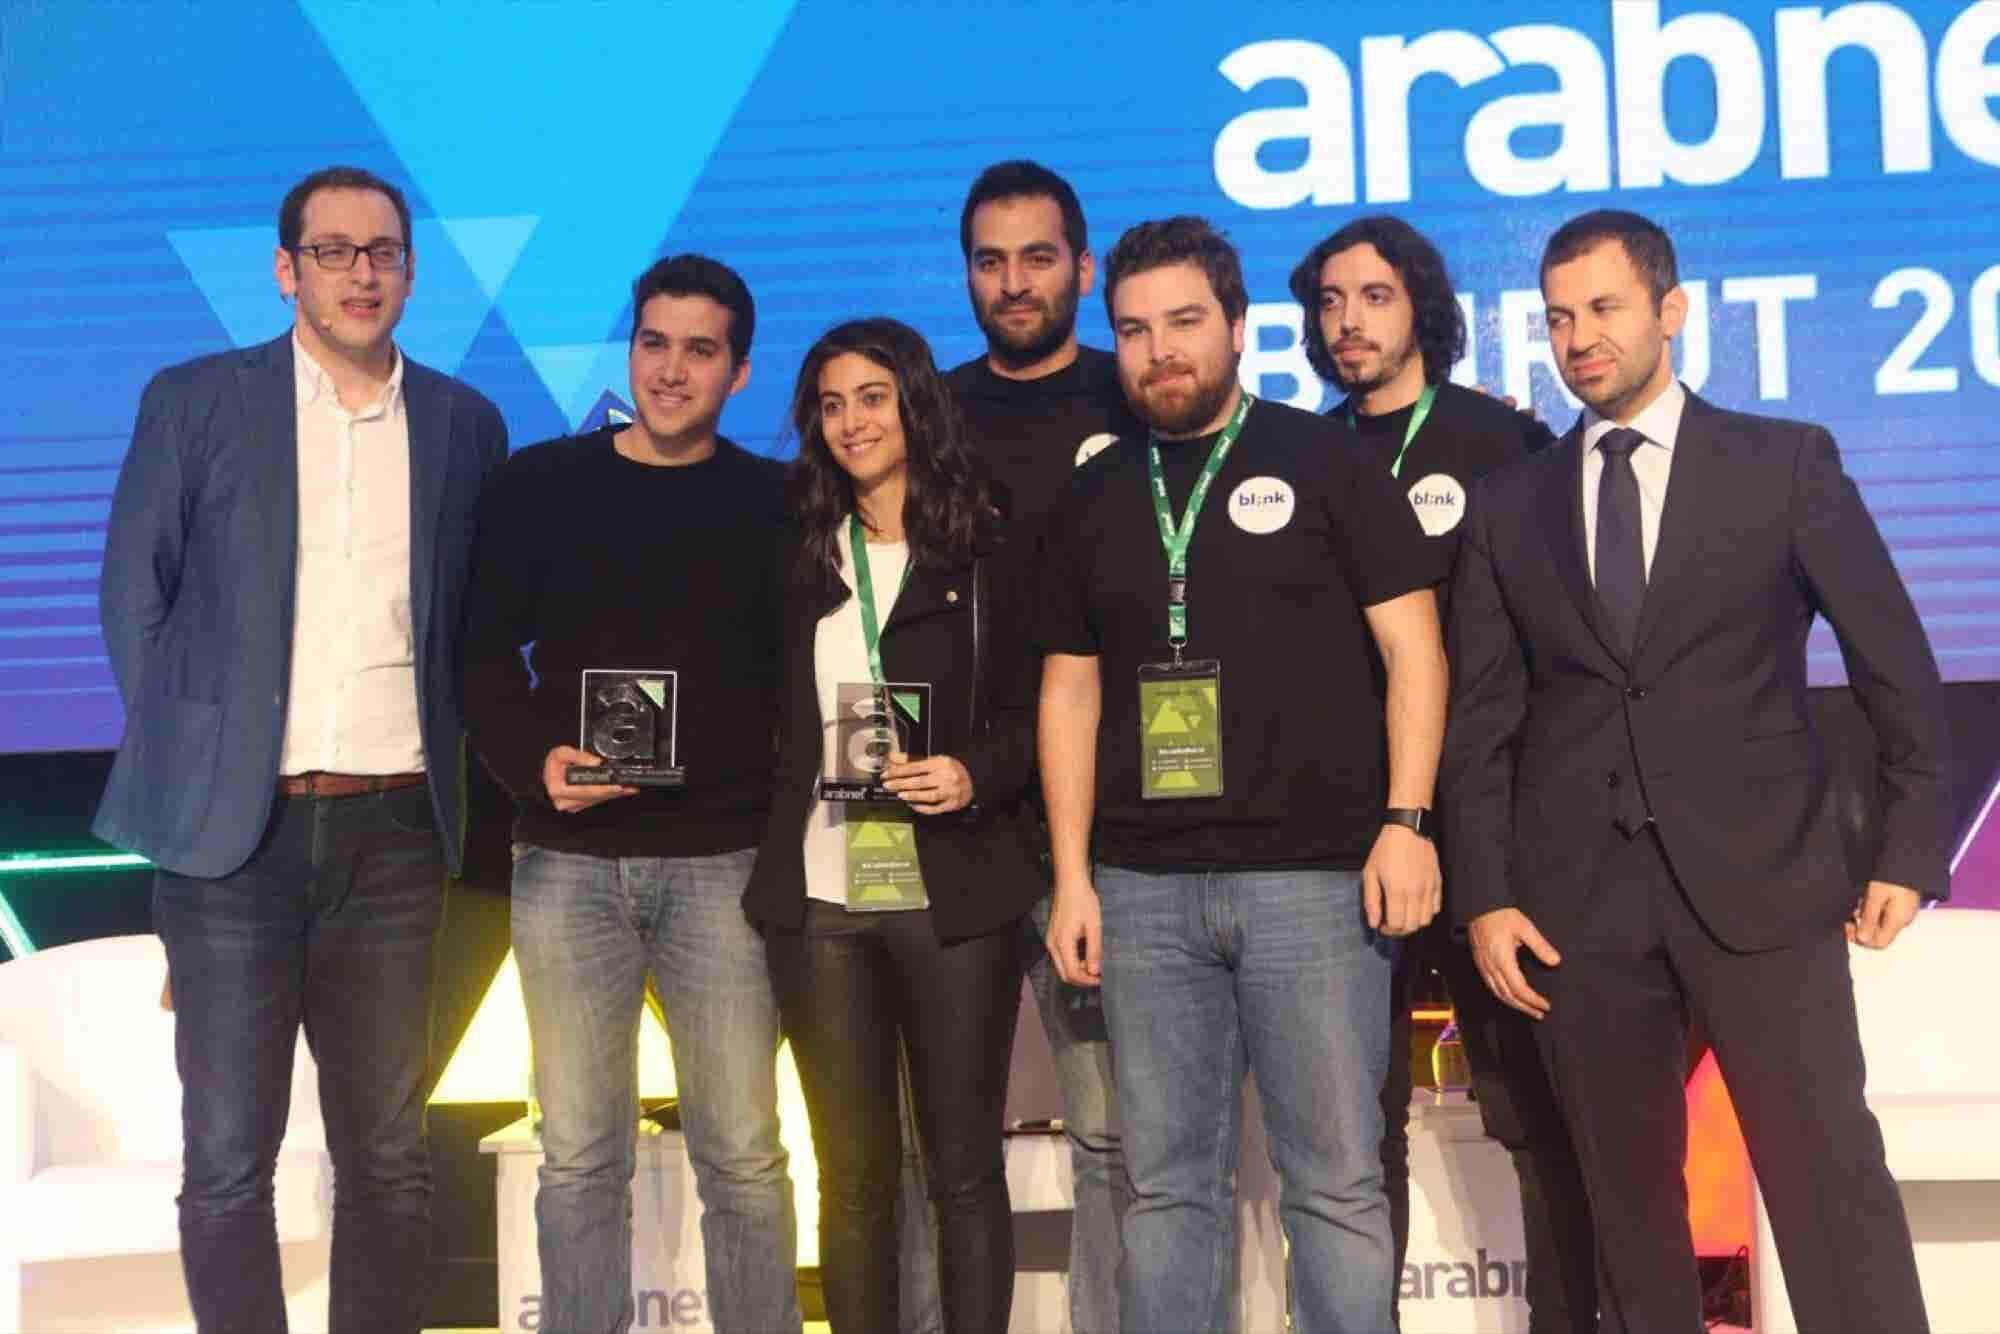 ArabNet Beirut 2018 Will Focus On Digital Transformation, Adtech, Fintech And More